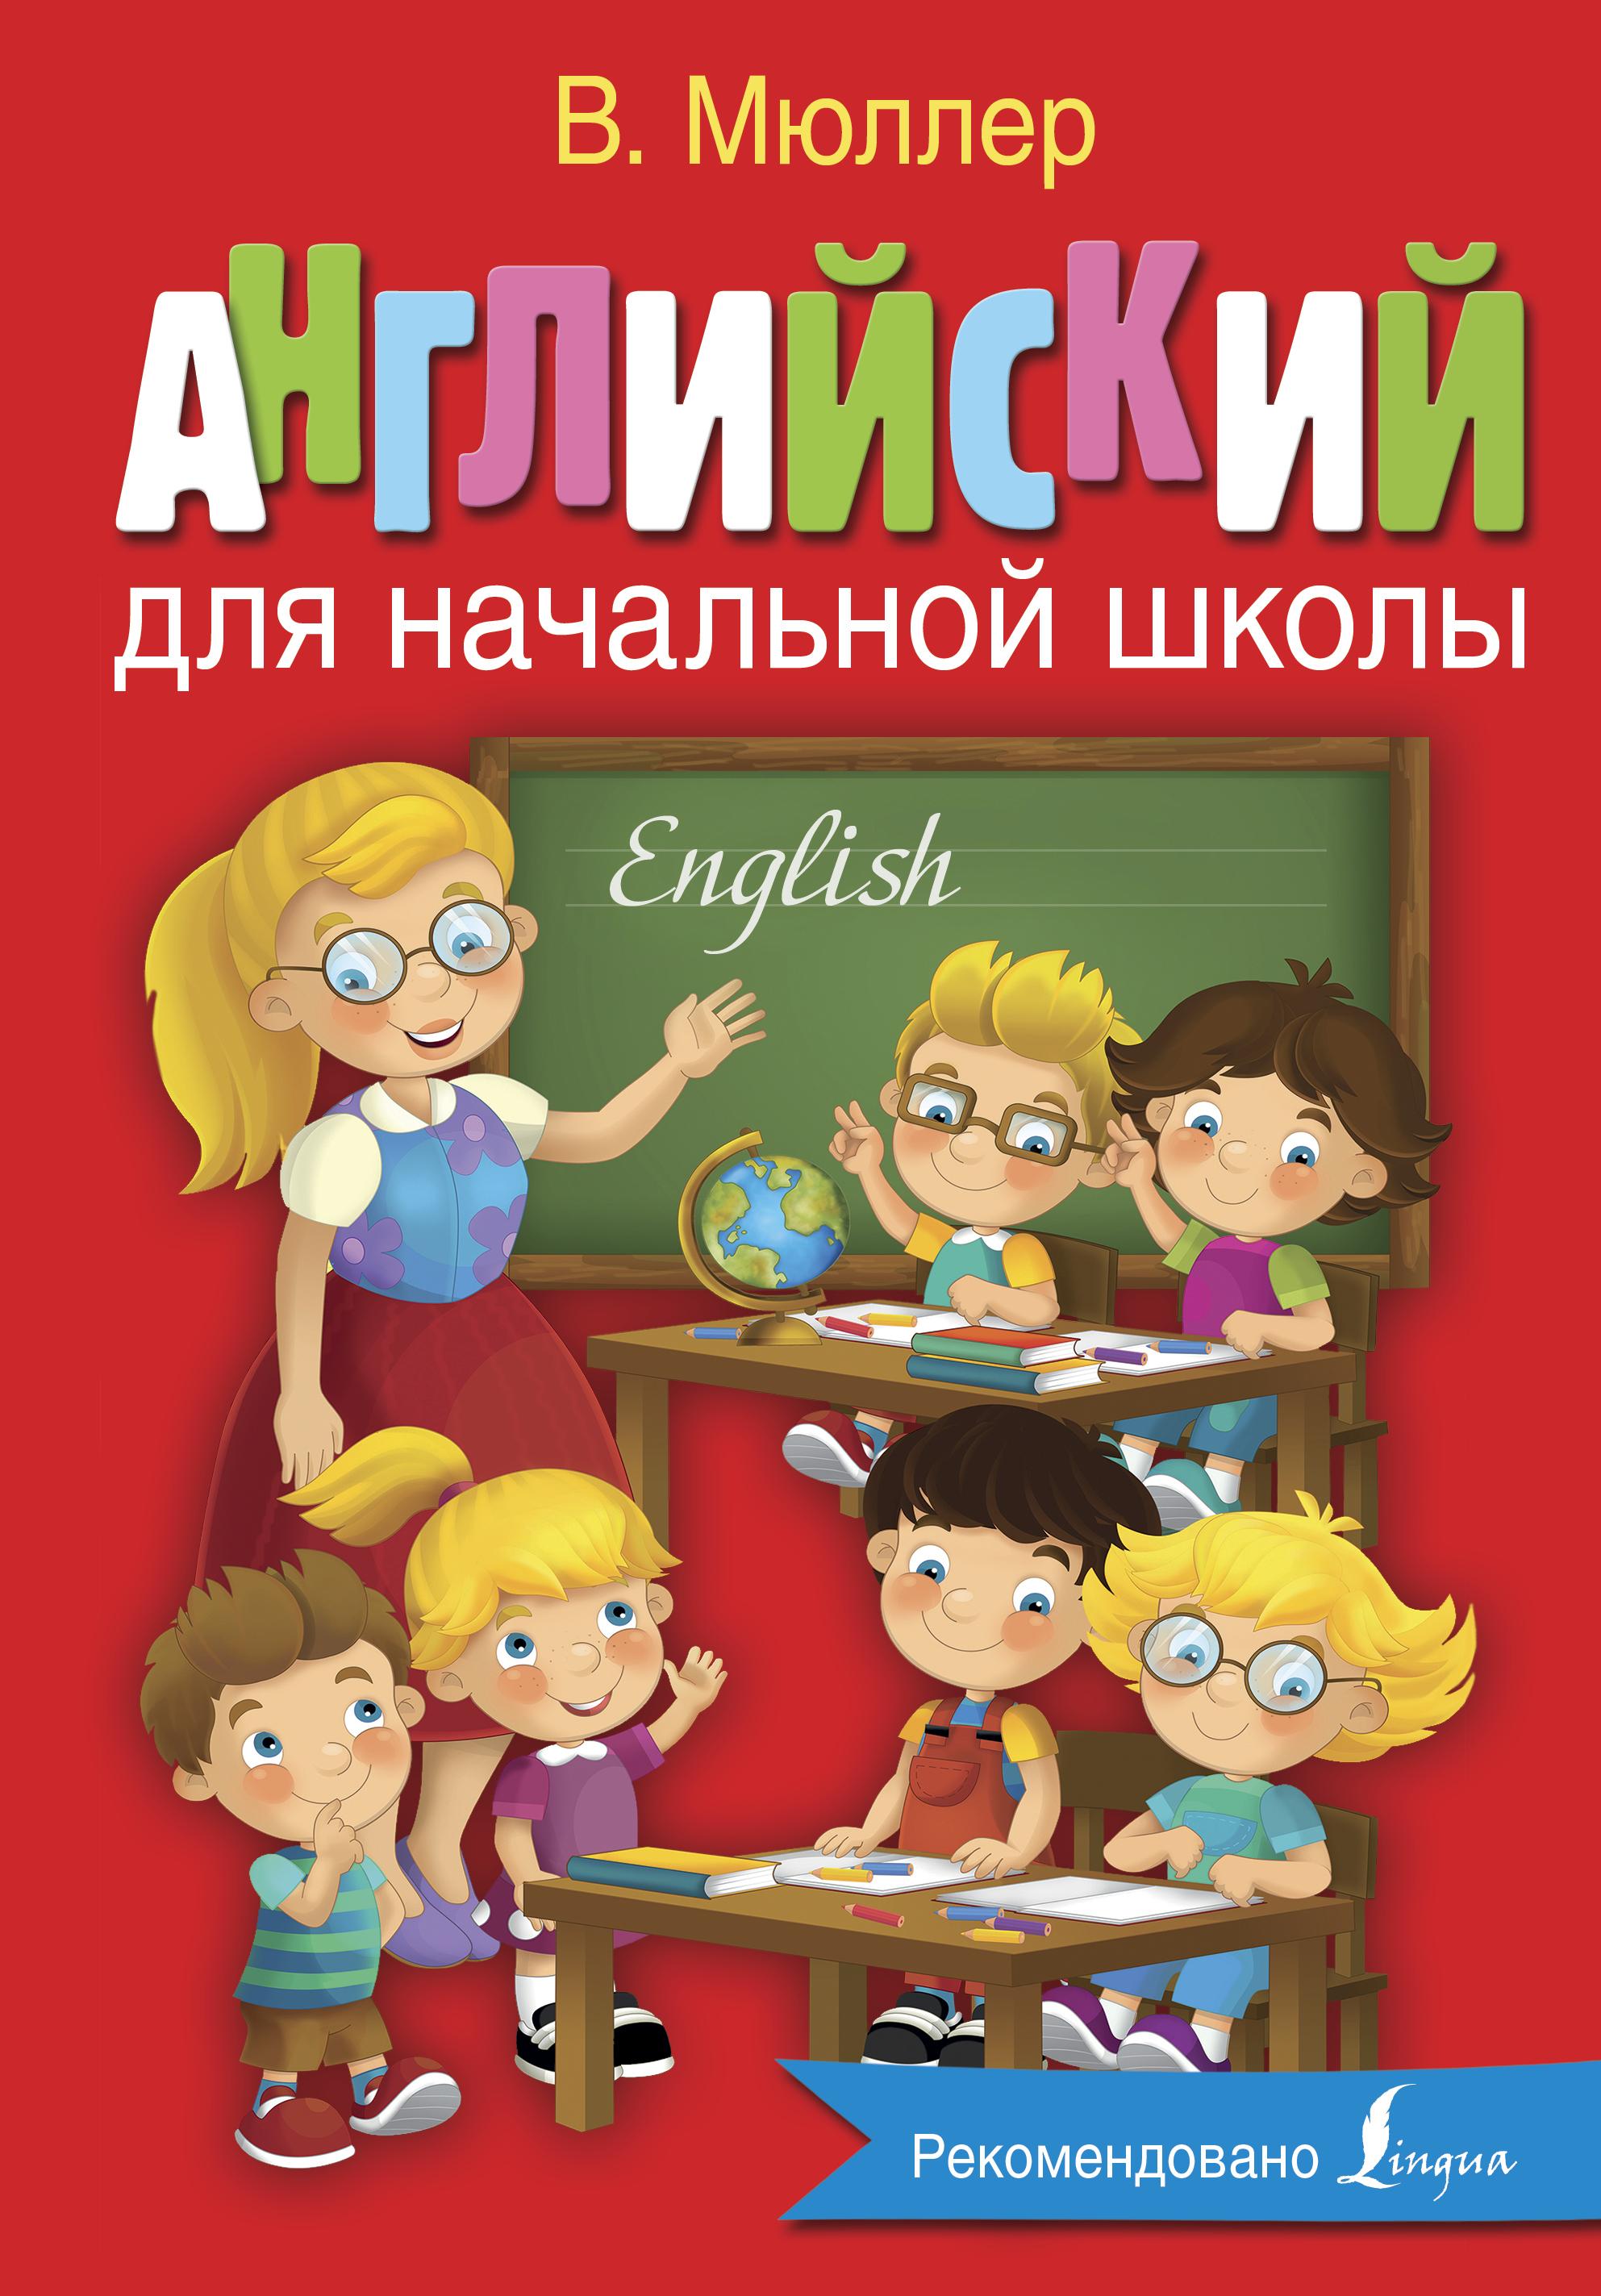 Мюллер В. Английский для начальной школы л а зайцева английский язык в рекламе учебное пособие